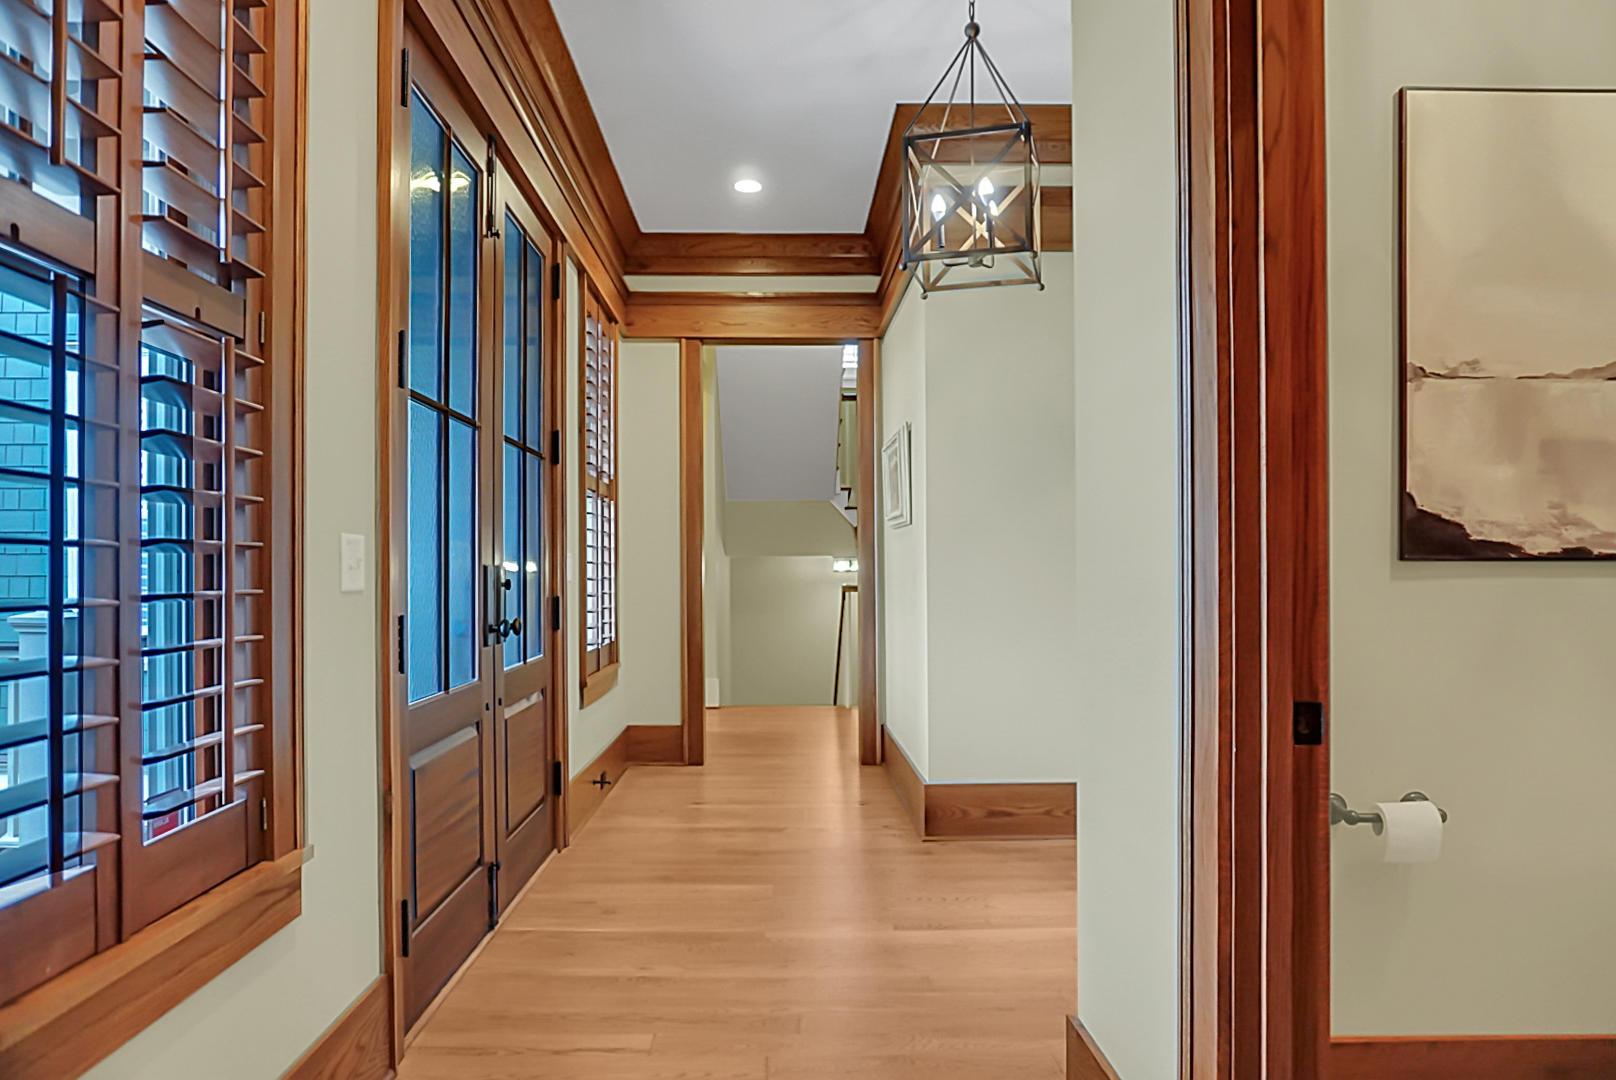 Dunes West Homes For Sale - 2978 River Vista, Mount Pleasant, SC - 75